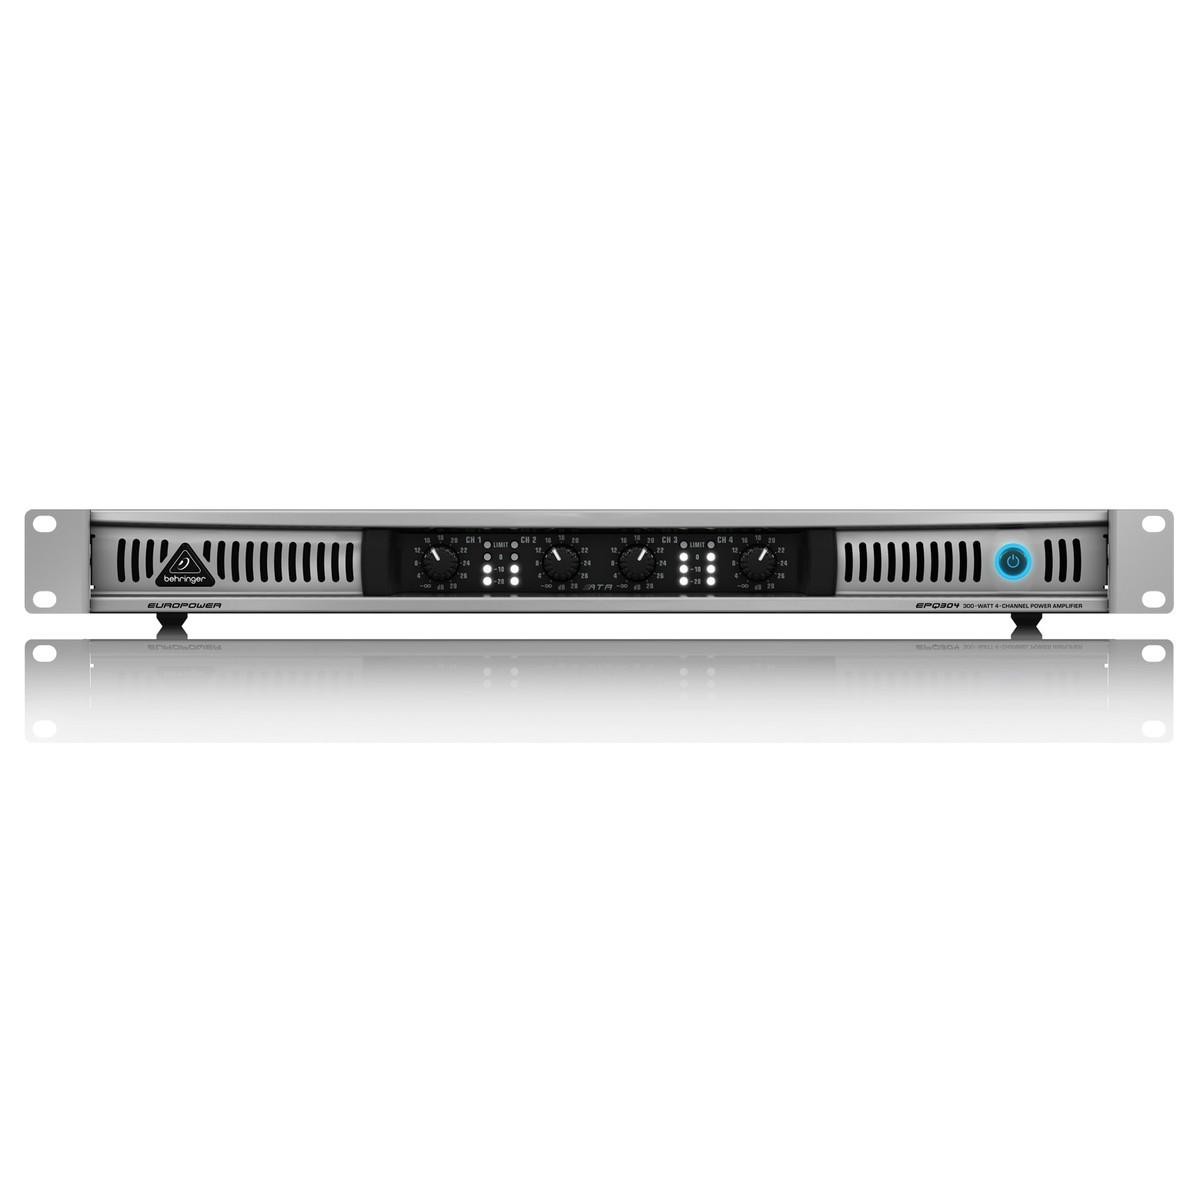 Behringer Epq304 4 Channel Power Amp Front View Loading Zoom Behringer Epq304 Power Amp